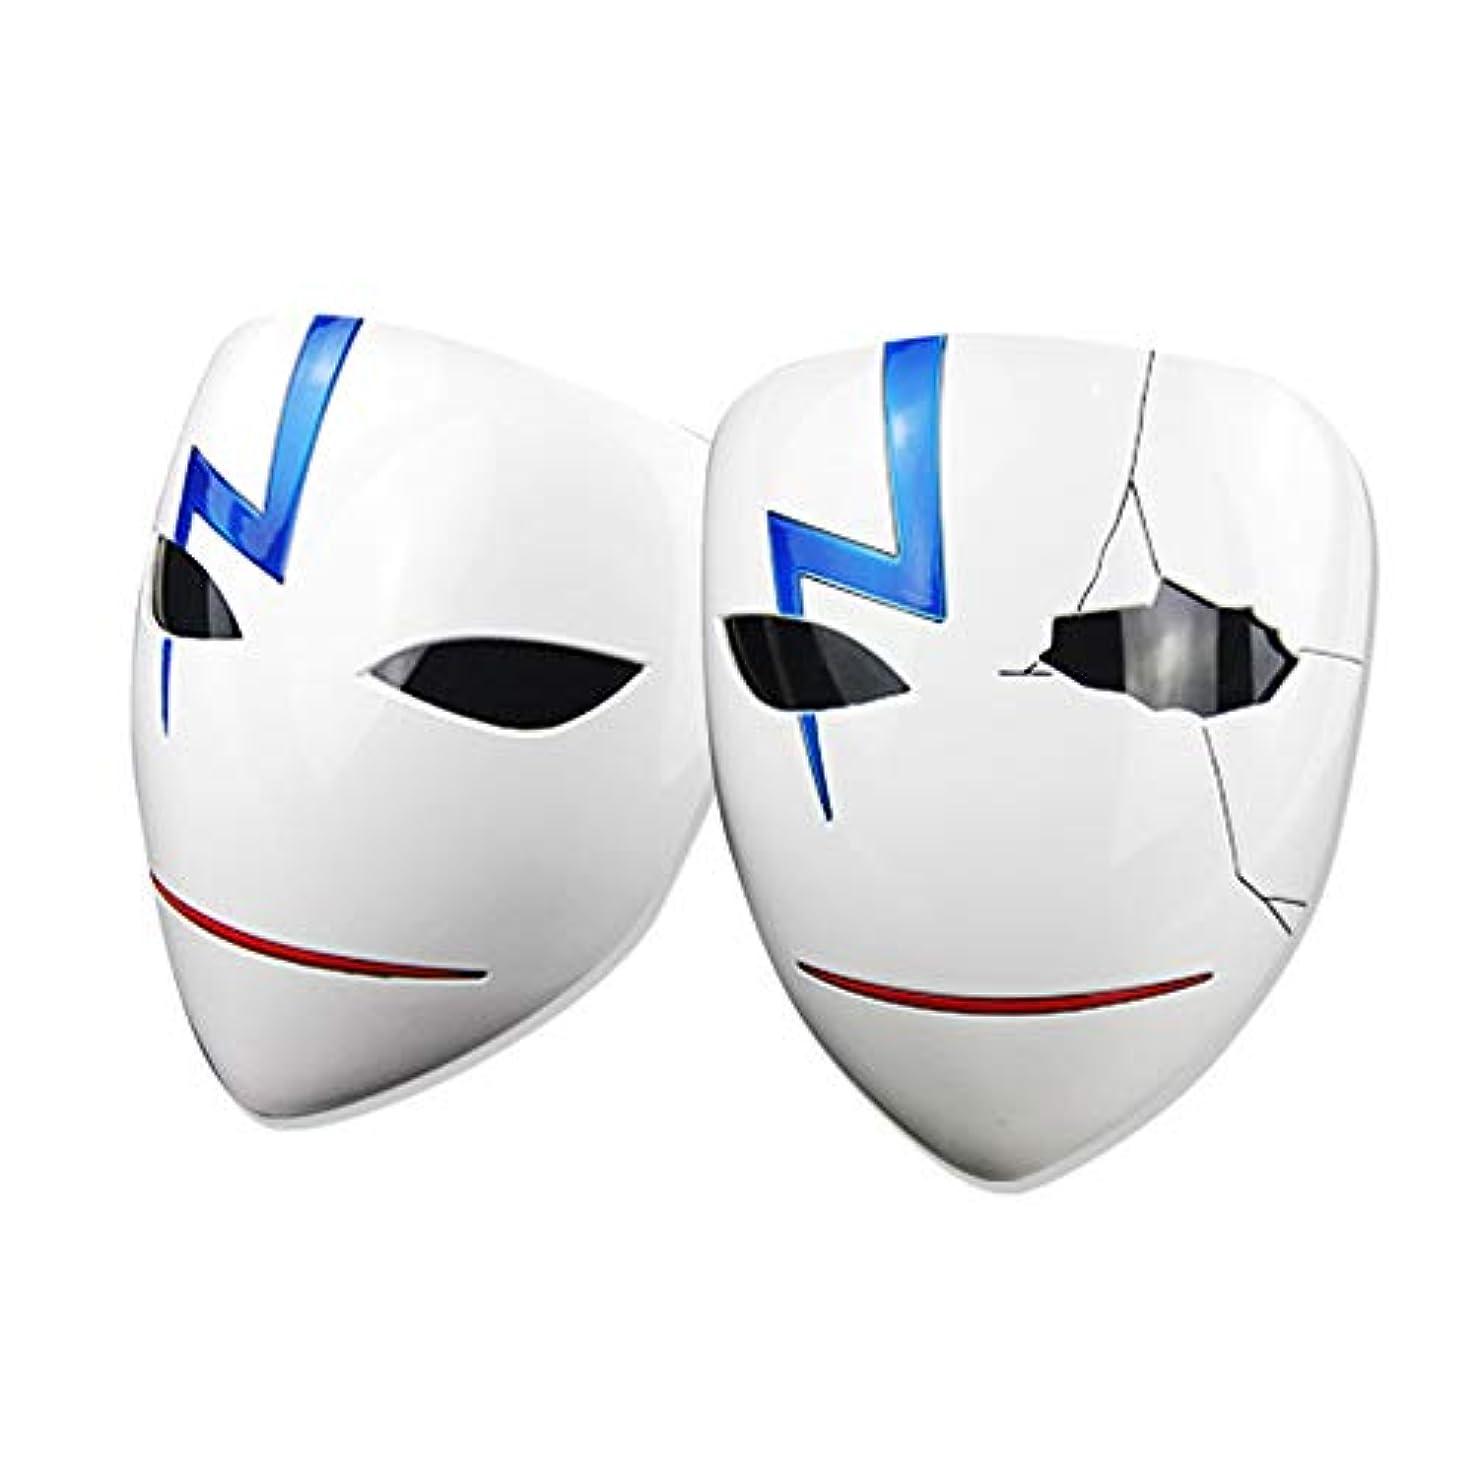 めまいが見つけた謎めいたブラックマスクコスプレプロップマスクアニメ男より暗いハロウィーン,1